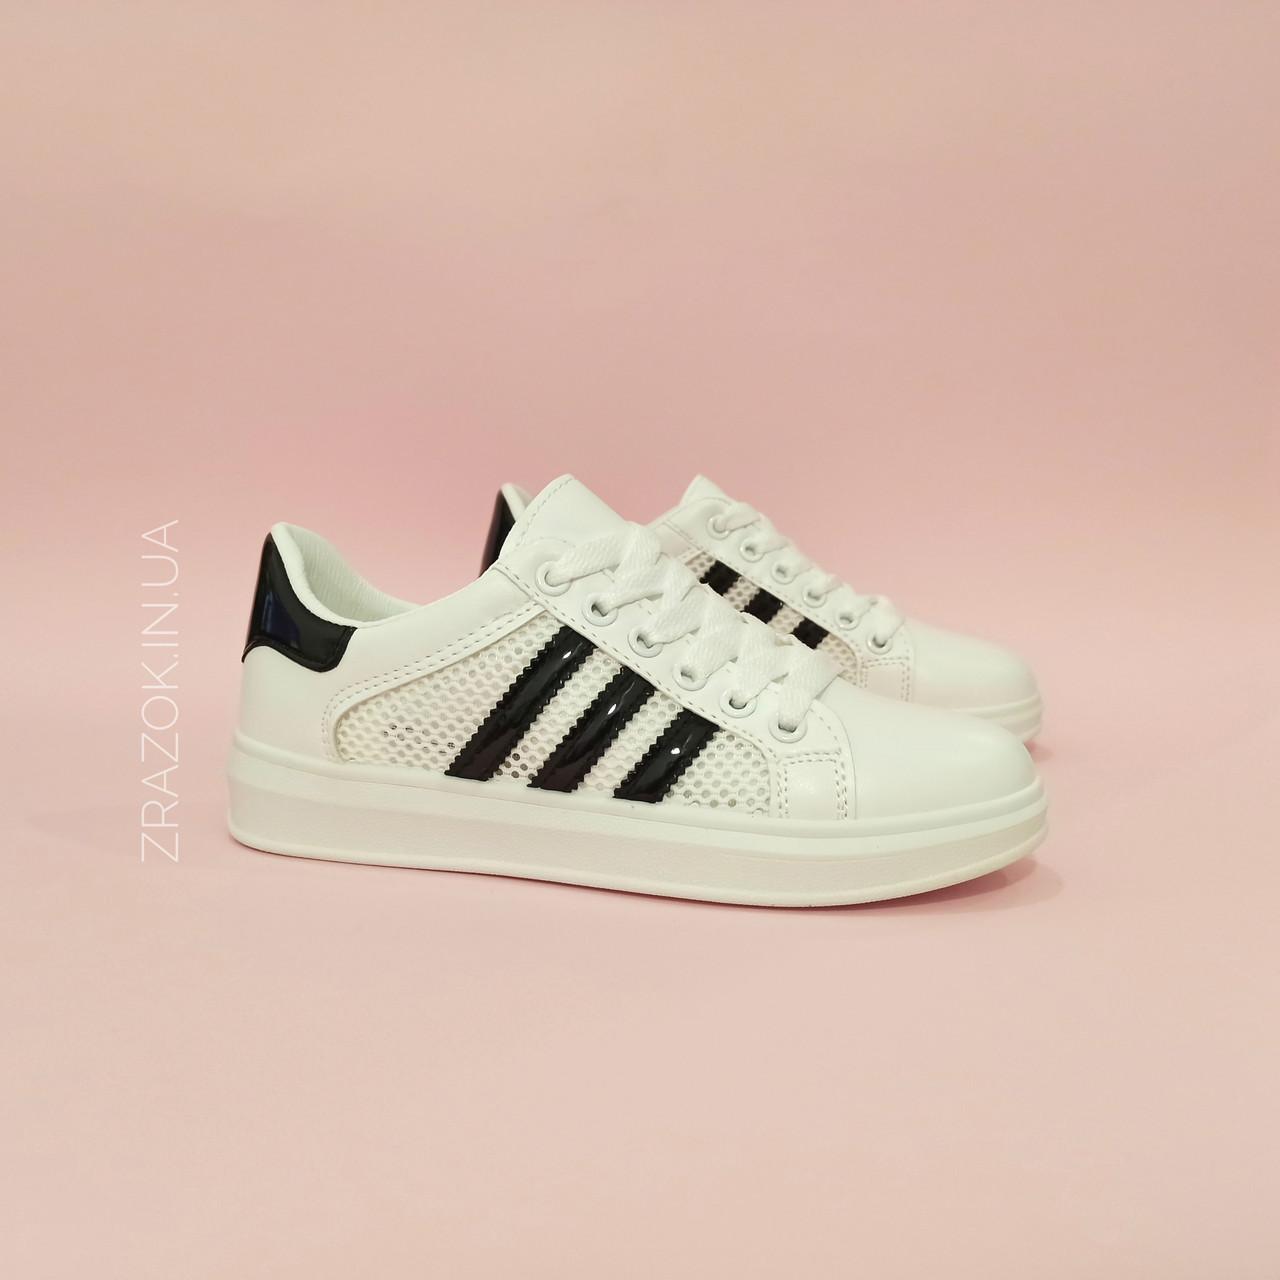 Кросівки білі сітка жіночі в стилі adidas superstar Stan smith адідас літні кеди еко шкіряні